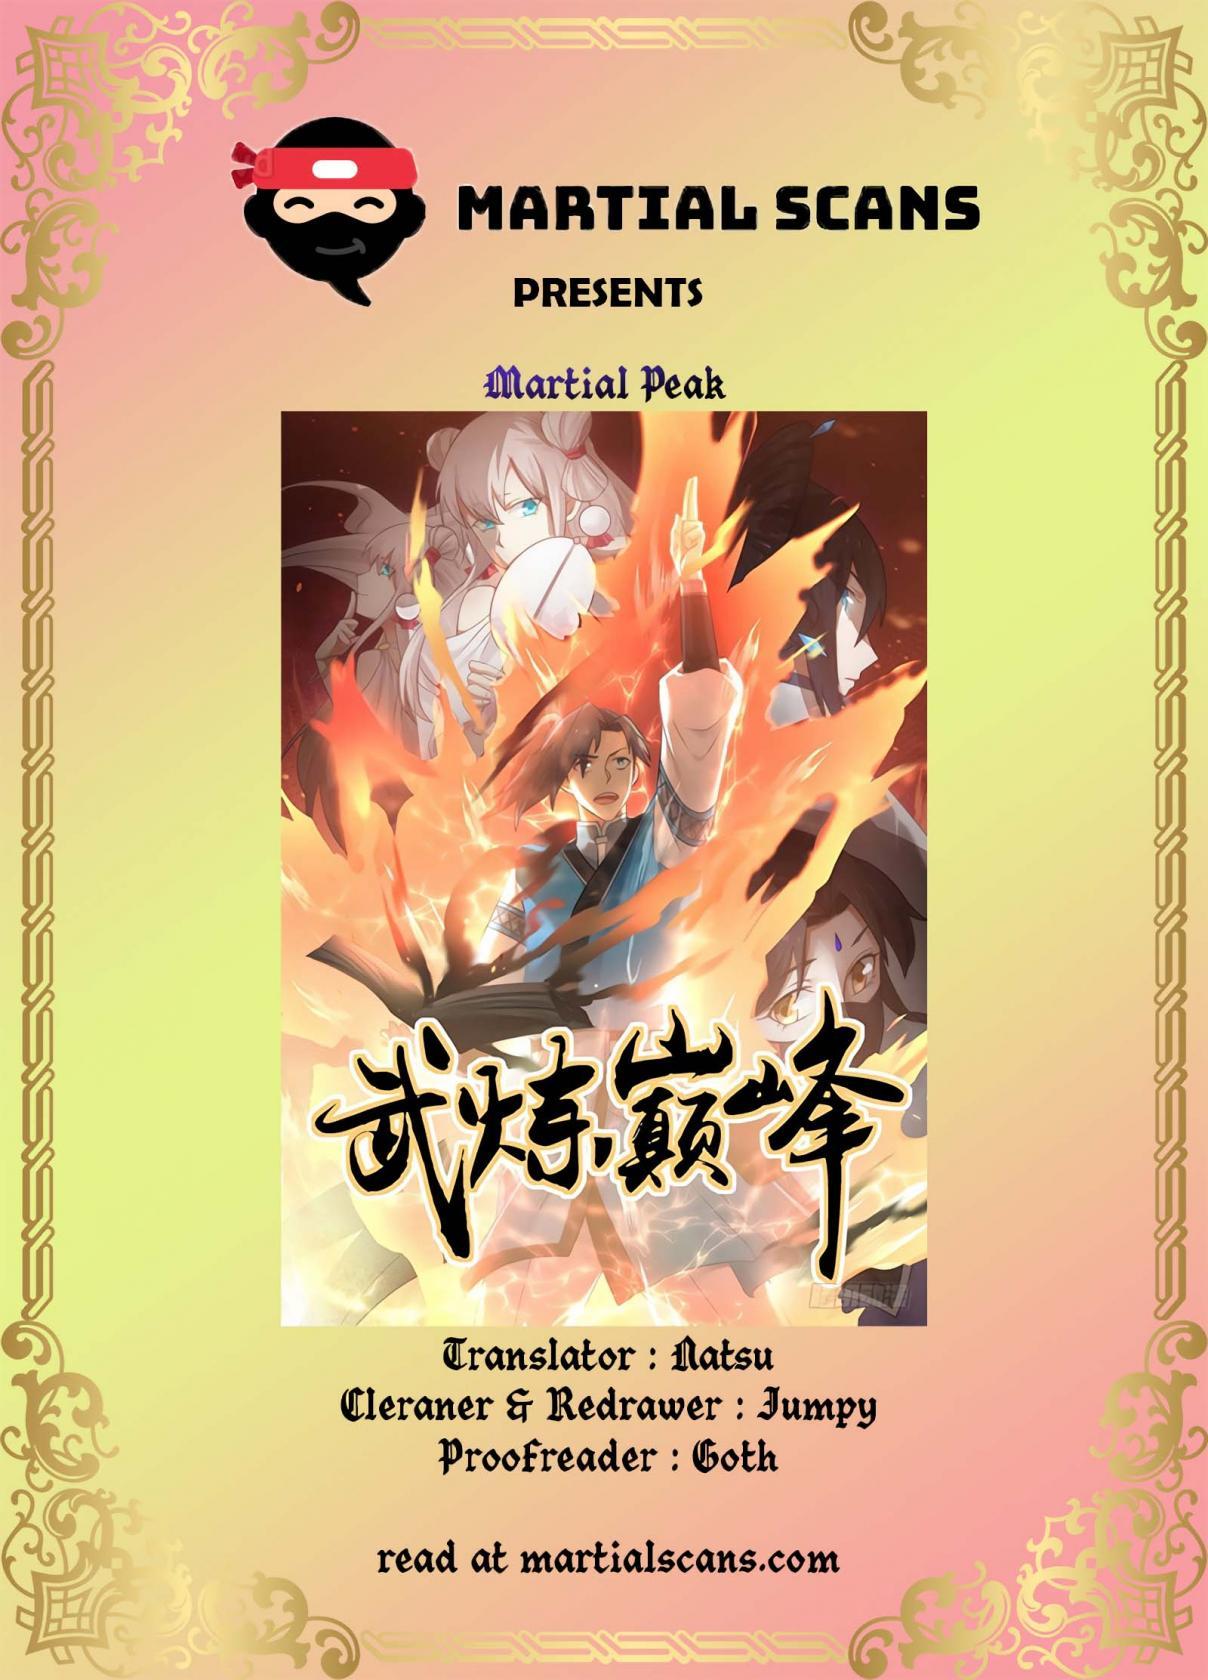 https://manga.mangadogs.com/comics/pic3/17/21329/1489879/ec18f50d1daf3212ea3b33e7f884ce12.jpg Page 1